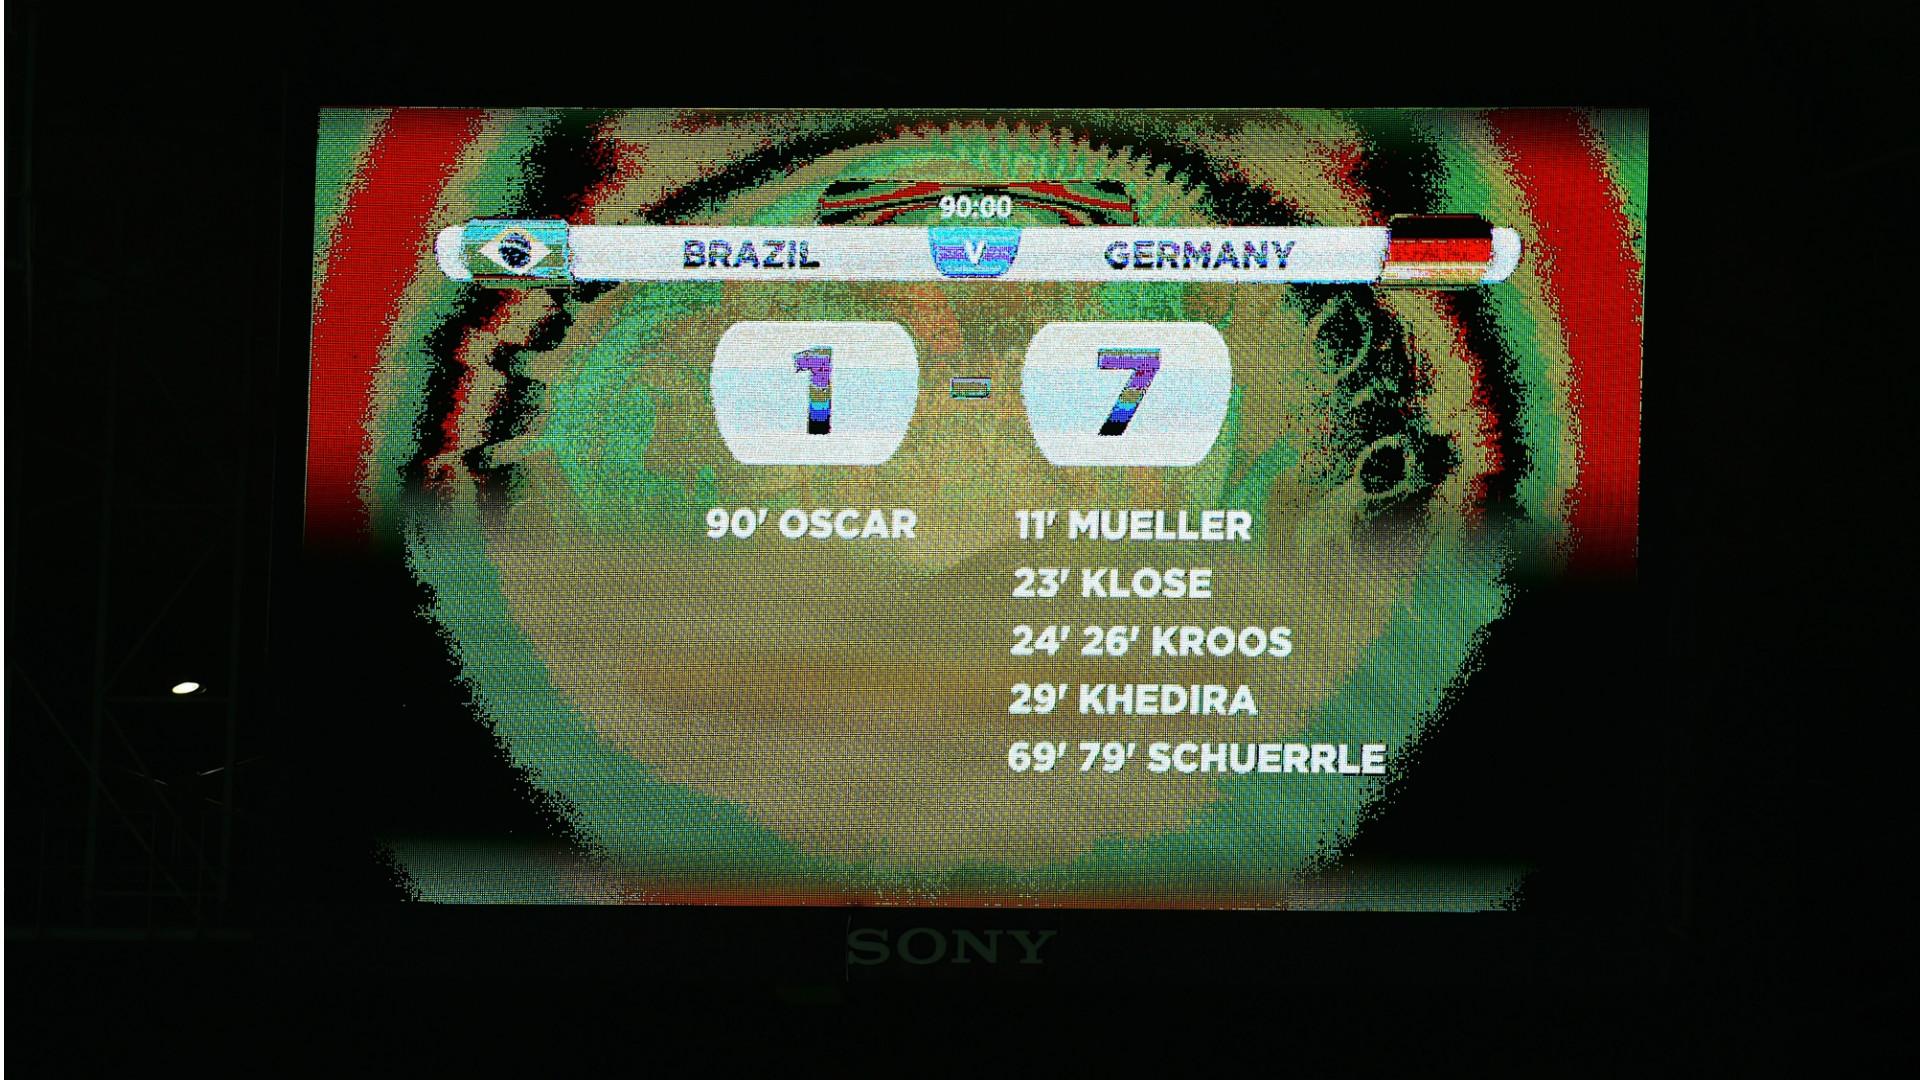 ผลการค้นหารูปภาพสำหรับ แซมบ้ามั่นใจไม่ซ้ำรอยแพ้เยอรมัน 1-7